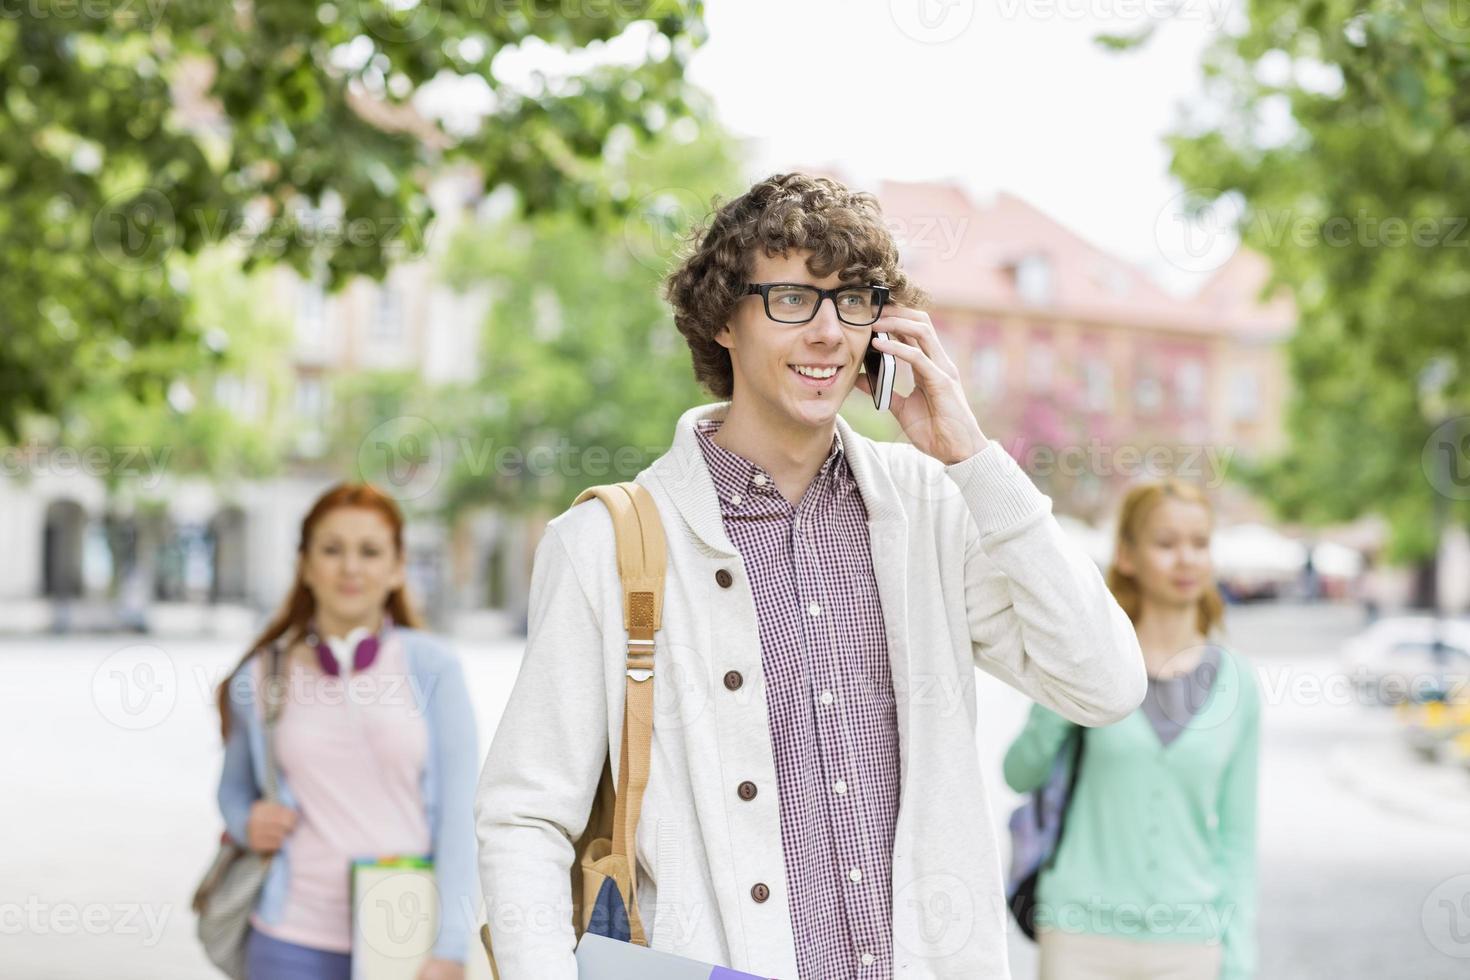 sourire, jeune, mâle, étudiant, utilisation, téléphone portable, à, amis photo